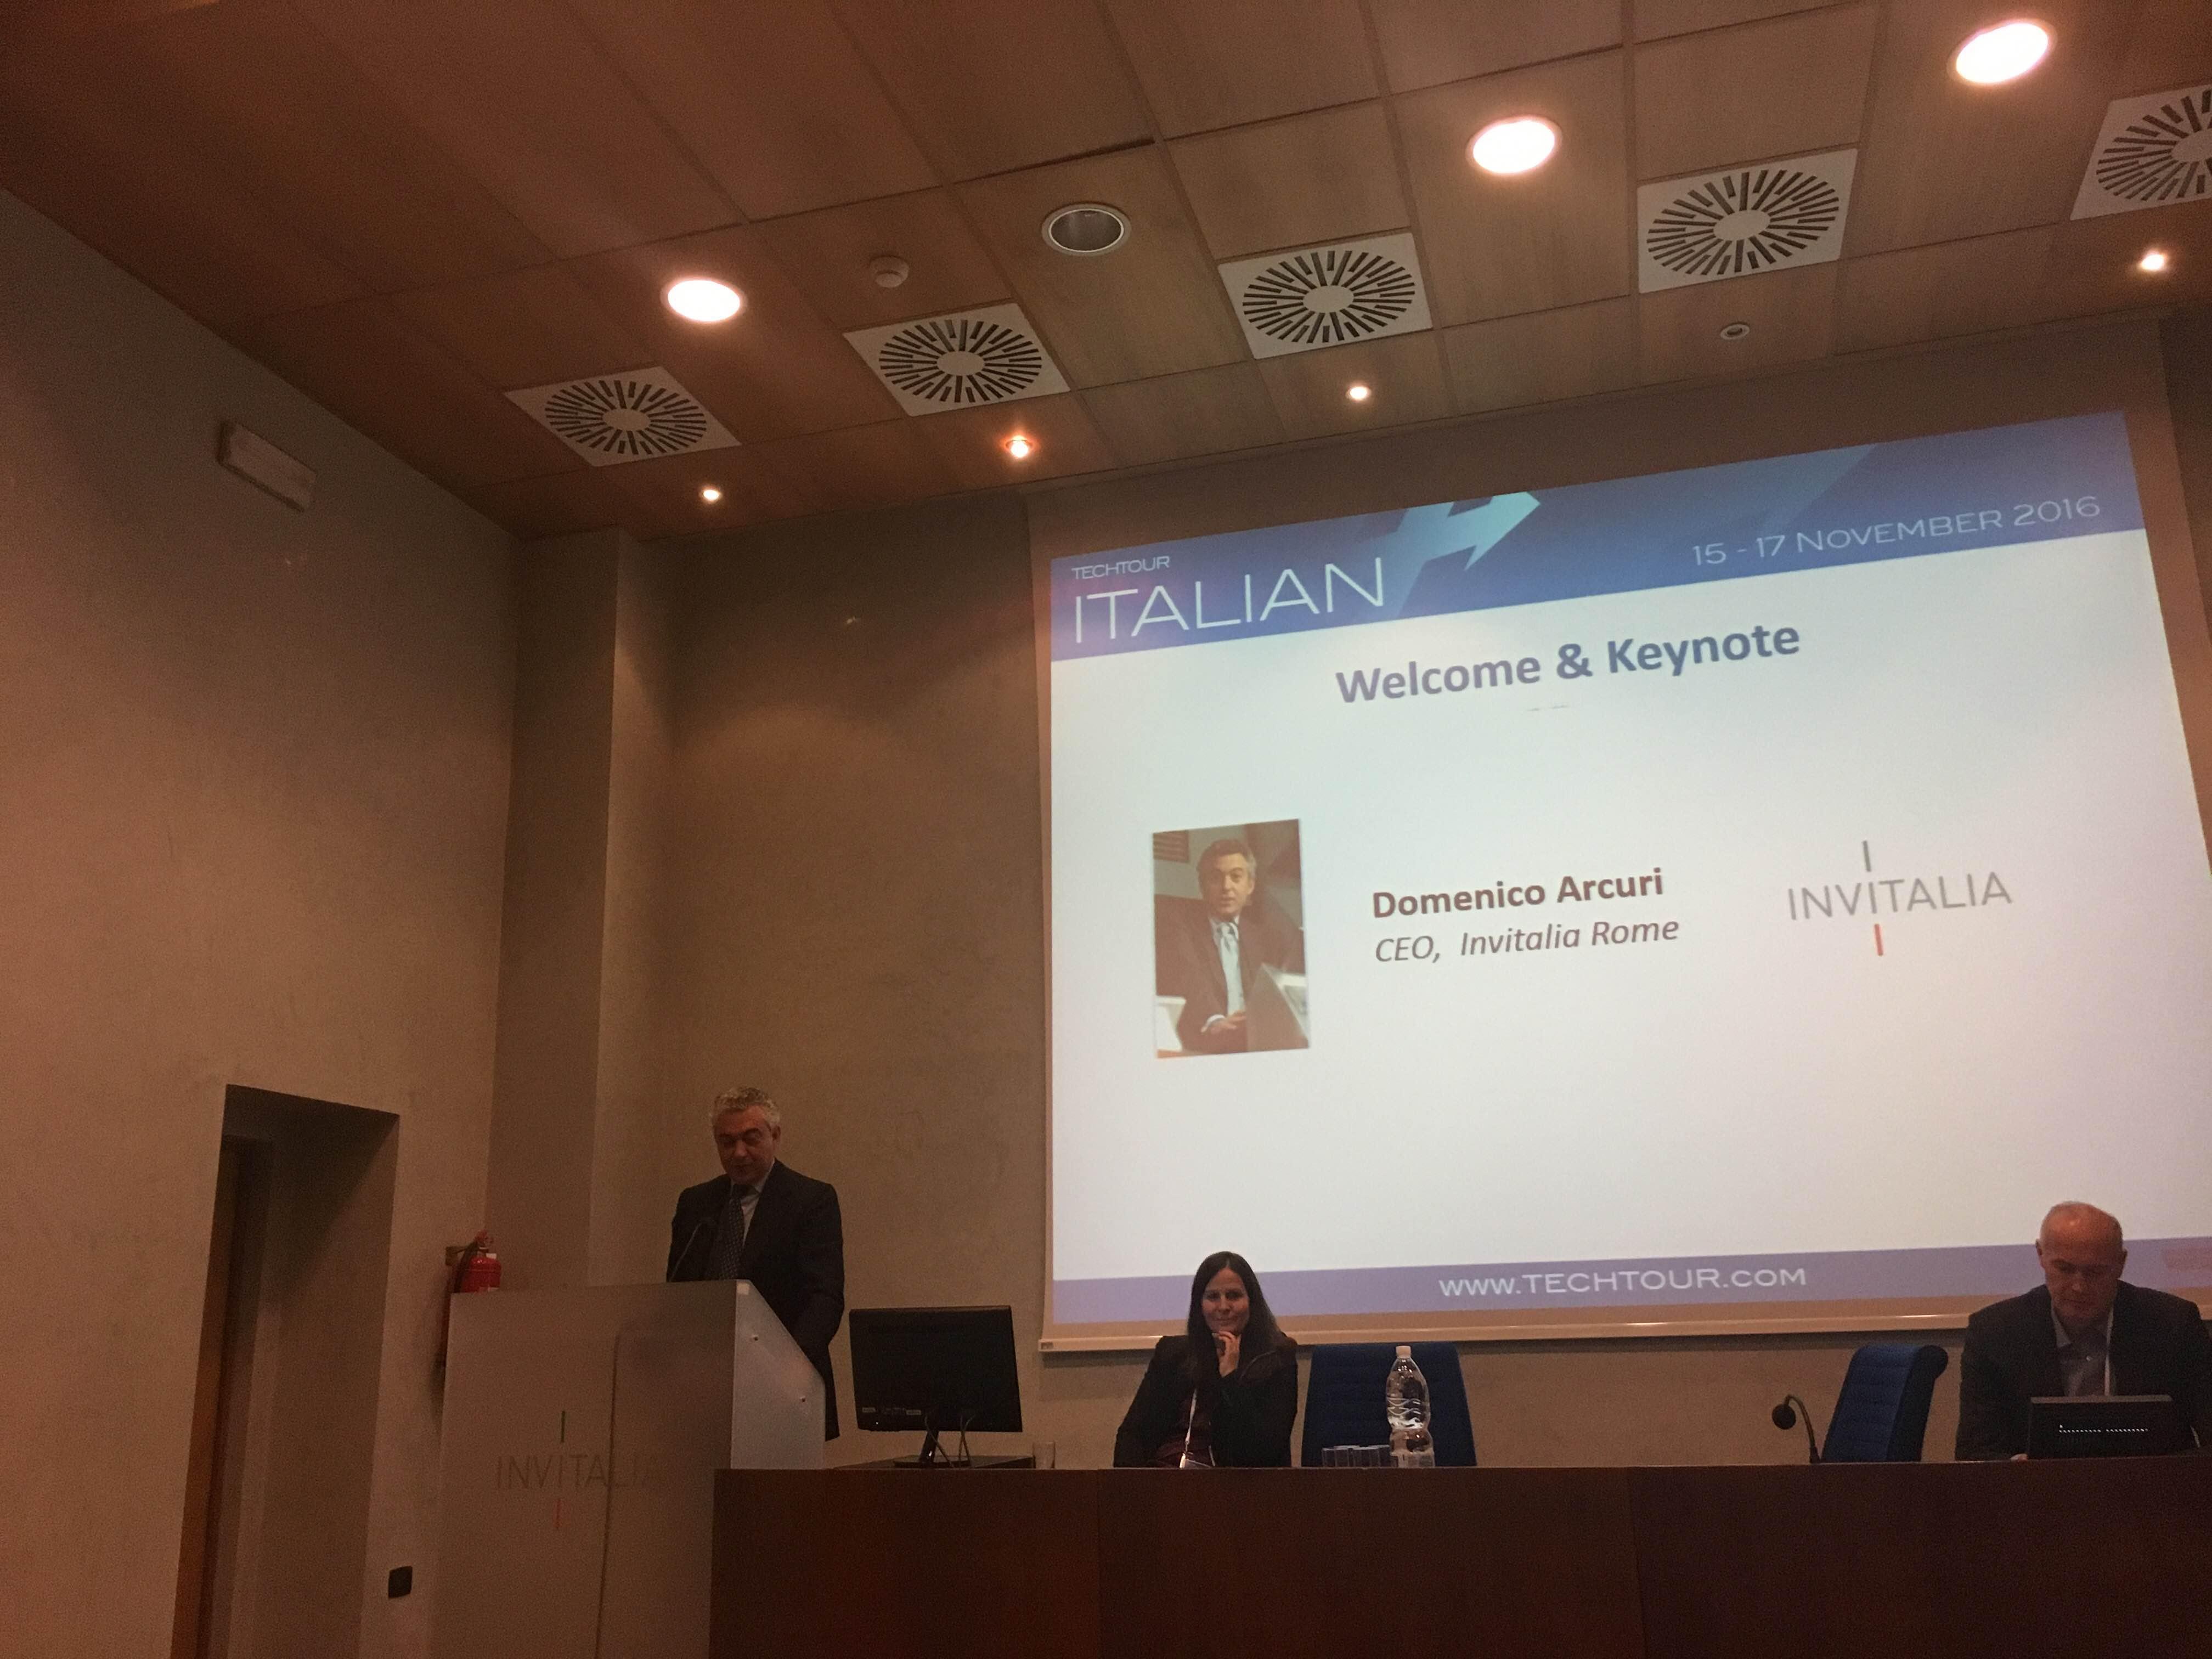 Italian Tech Tour 2016